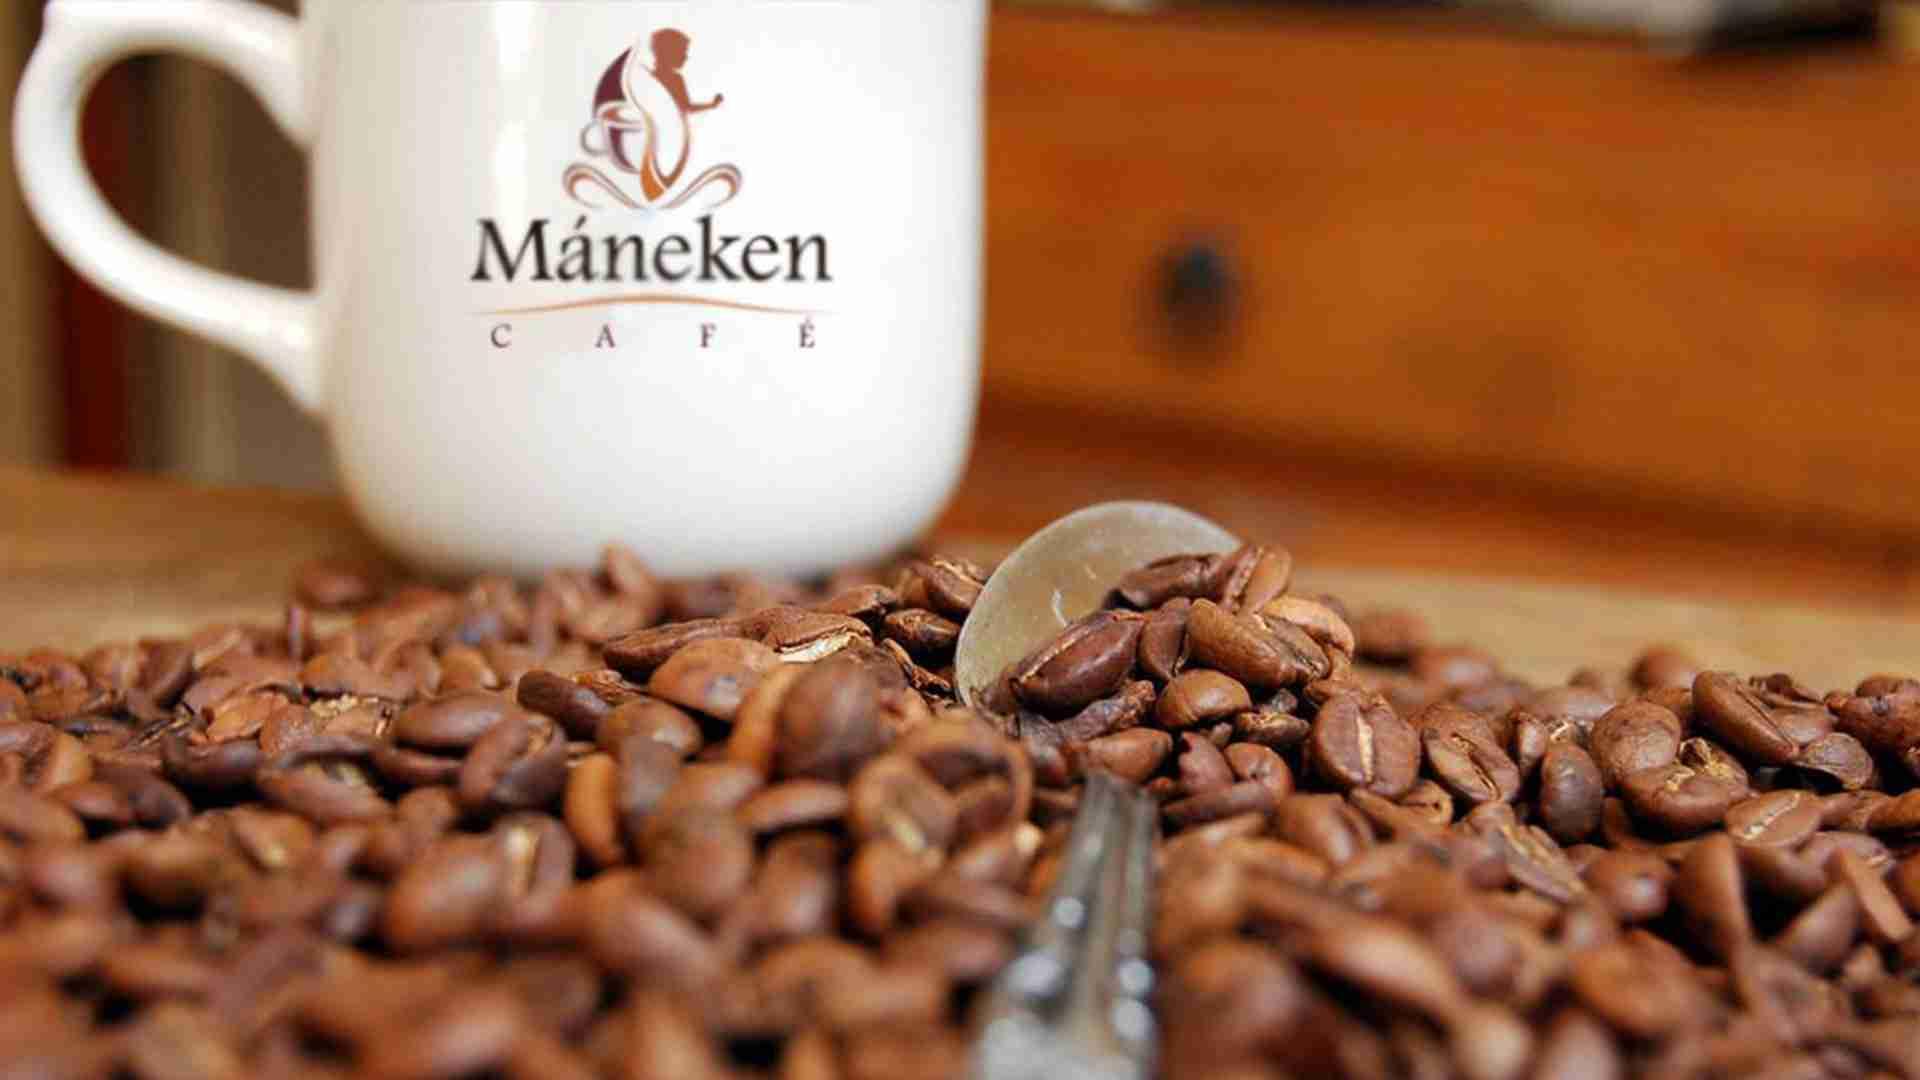 Incitante aroma que penetra los sentidos: Máneken Café